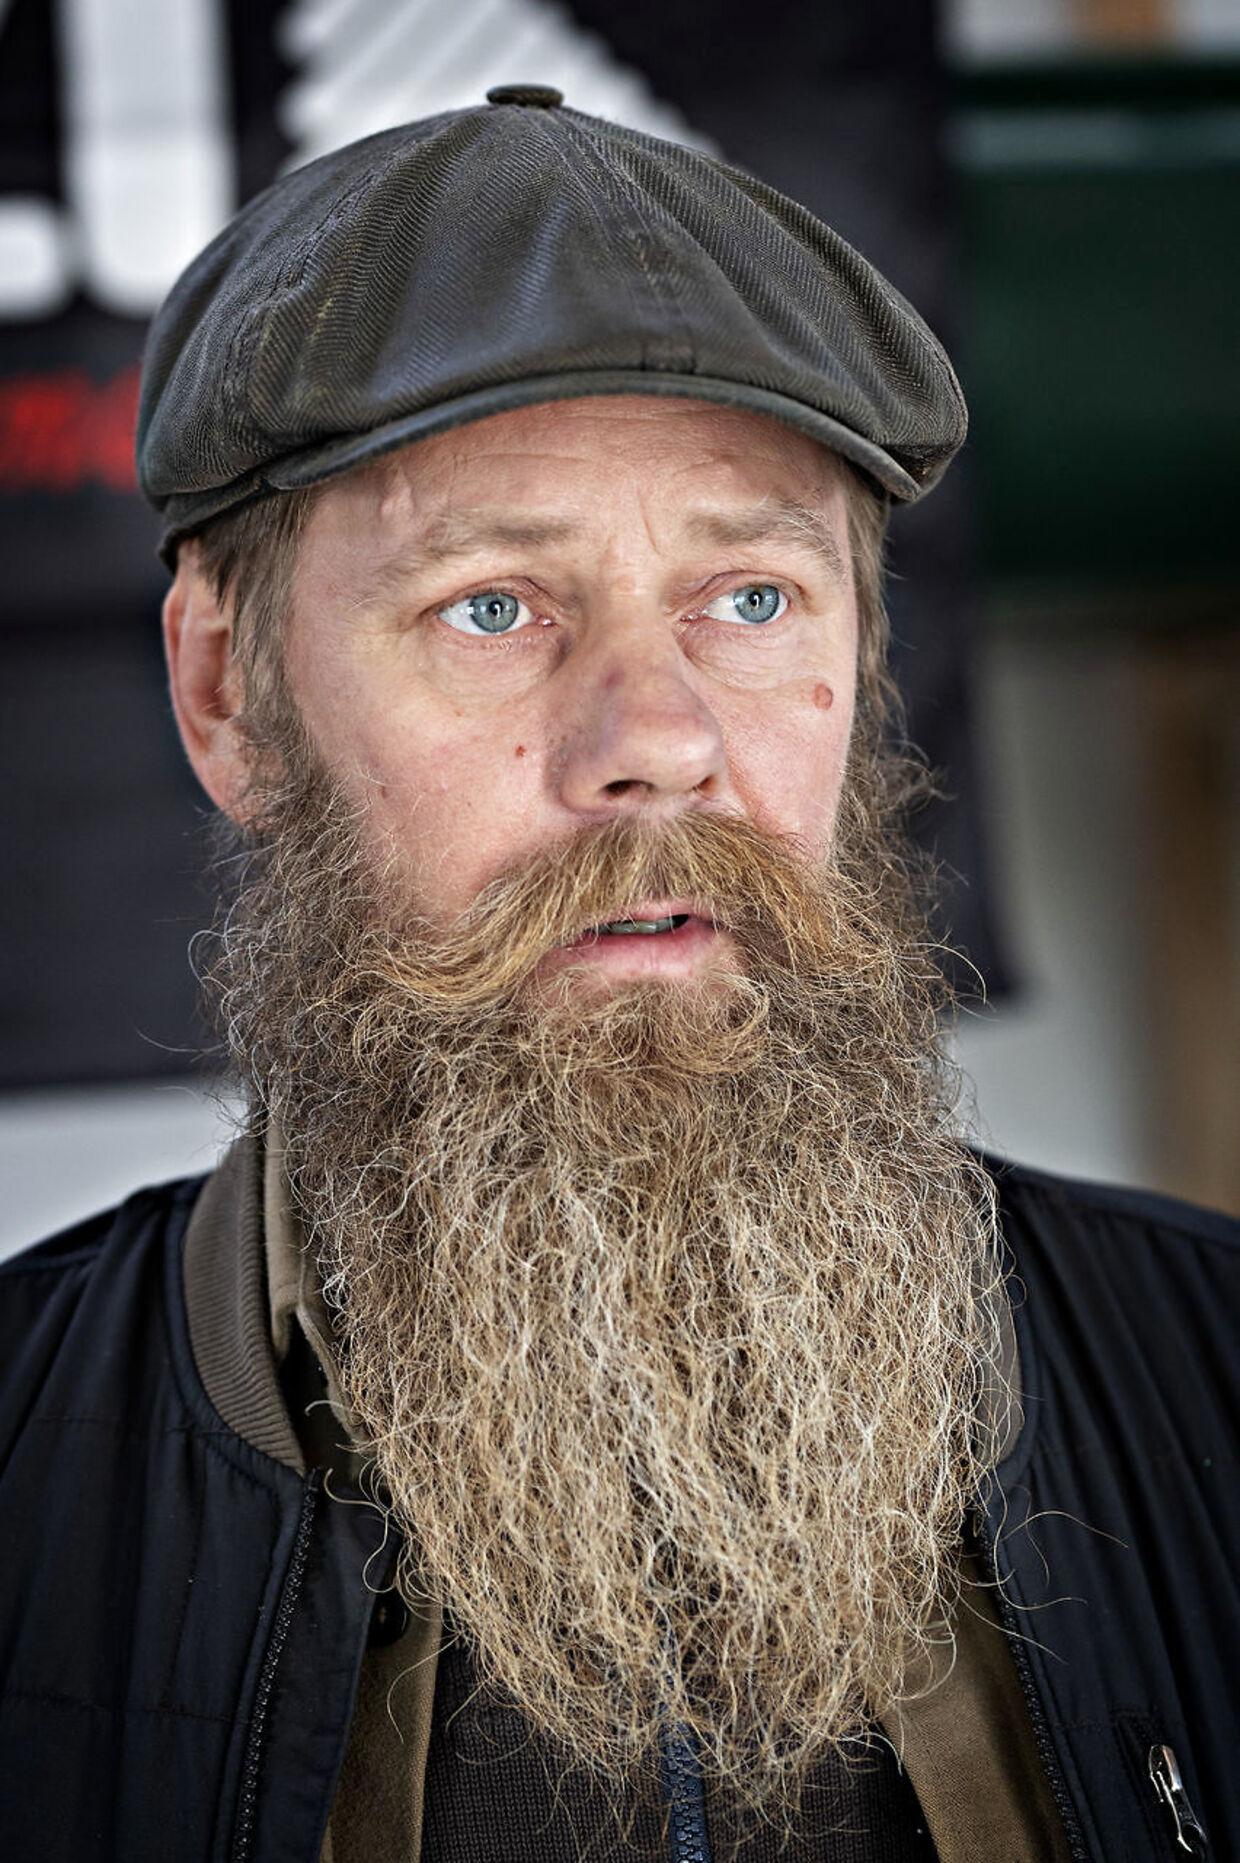 Gert Rosenfeldt flyttede til Stege fra København for tre år siden, og han er utilfreds med, at regeringen og Dansk Folkeparti vil placere 100 afviste kriminelle asylansøgere på øen tre km ude i bugten.